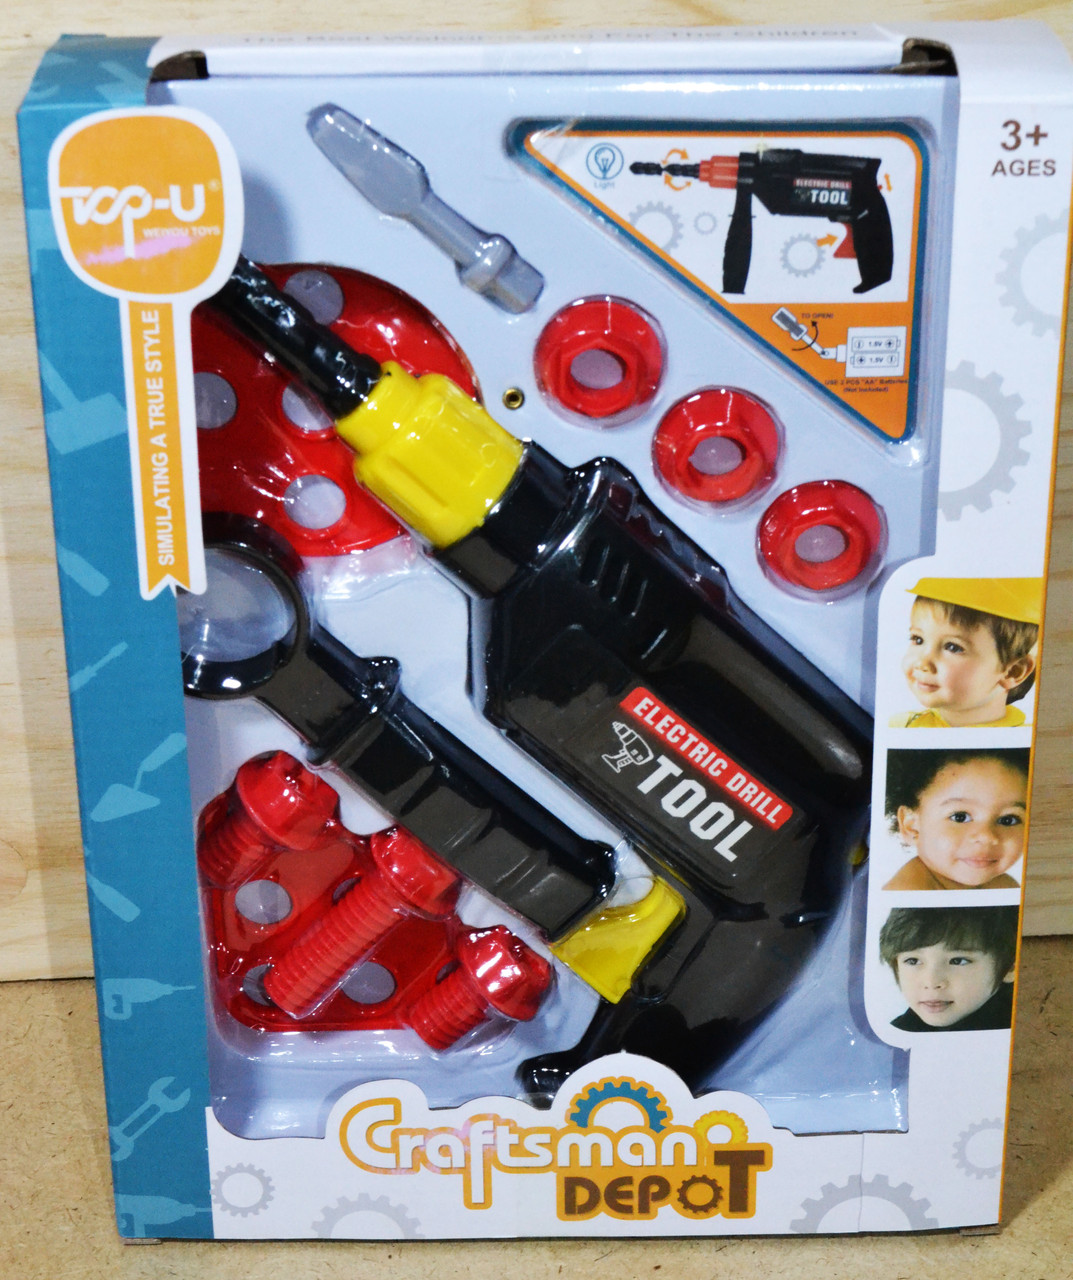 Упаковка повреждена!!! TP315 набор инструментов с дрелью Craftsman depot 28*22см